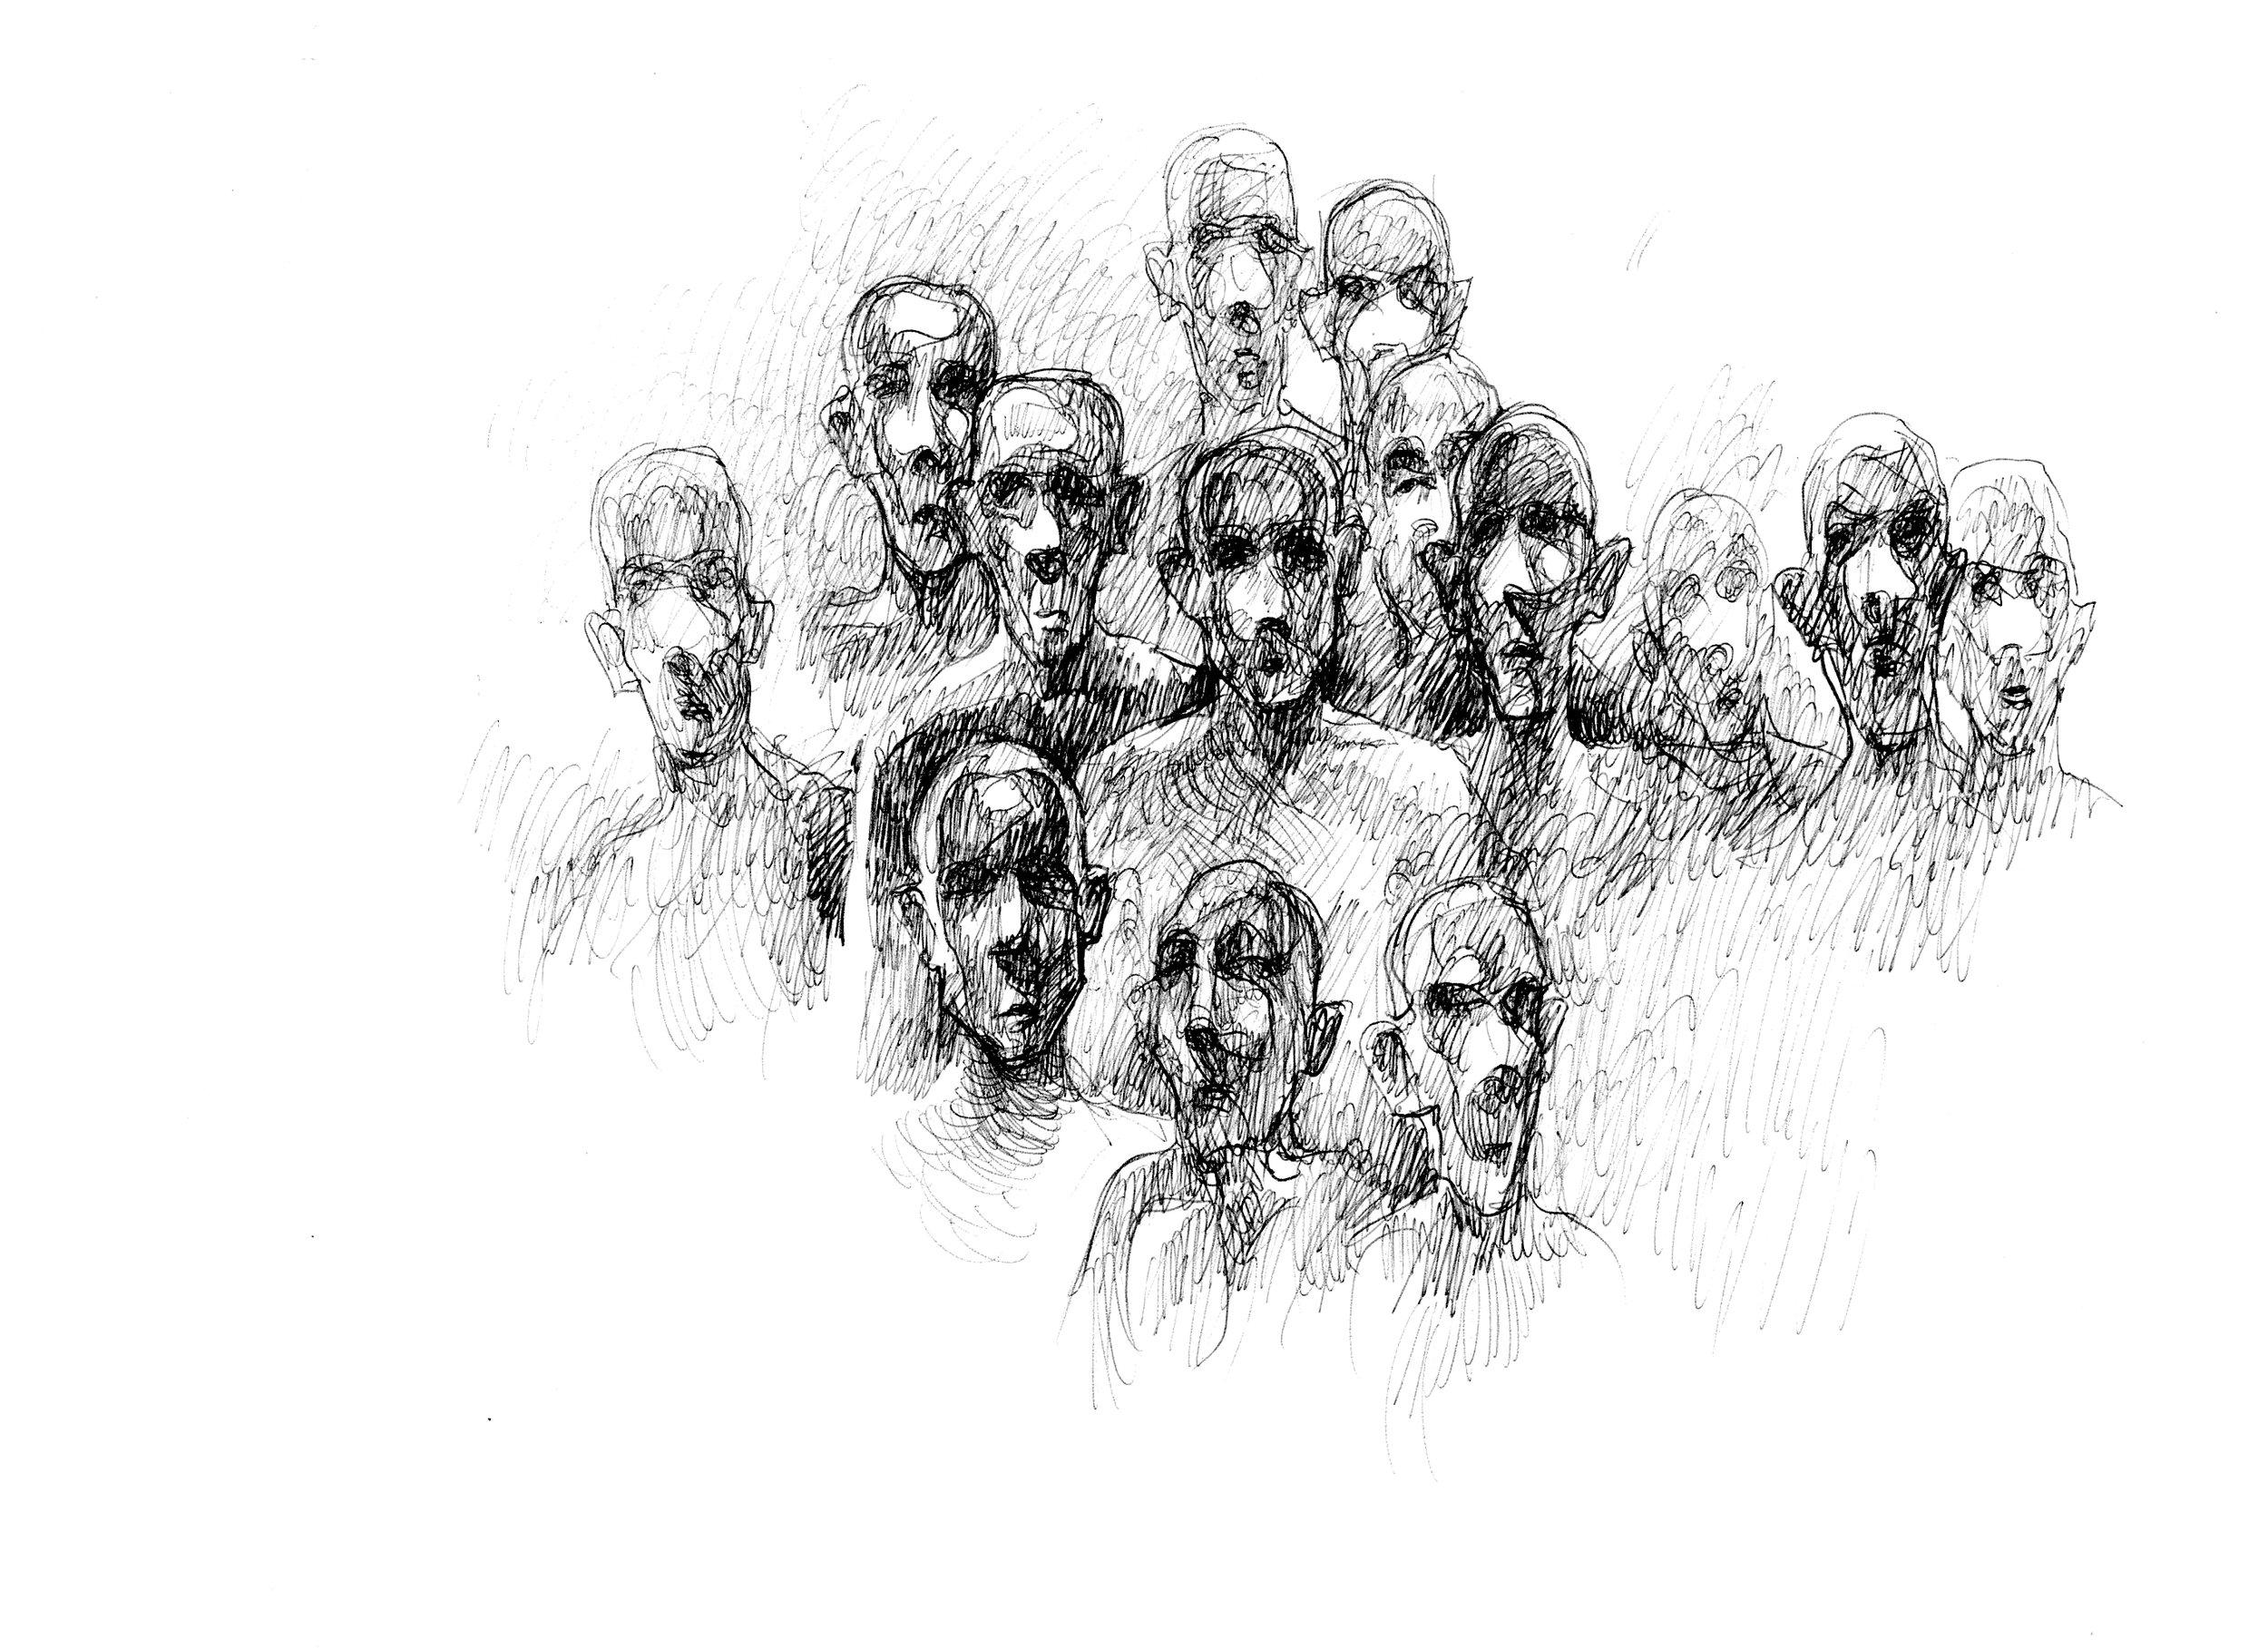 Tortyren gör fångarna galna. - Fångarna blir galna, de förlorar förståndet. Samtliga teckningar har Najah al-Bukai ritat ur minnet baserat på vad han såg och upplevde på den syriska militärens underrättelseavdelning 227 i Damaskus. En del av tortyrmetoderna, som den Tyska stolen, kommer från Nazityskland. Efter att nazistregimen störtats sökte sig tyska officerare till Syrien för att gömma sig. Väl där rekryterades de för att införa samma förhörsmetoder av fångar som nazisterna använt sig av.